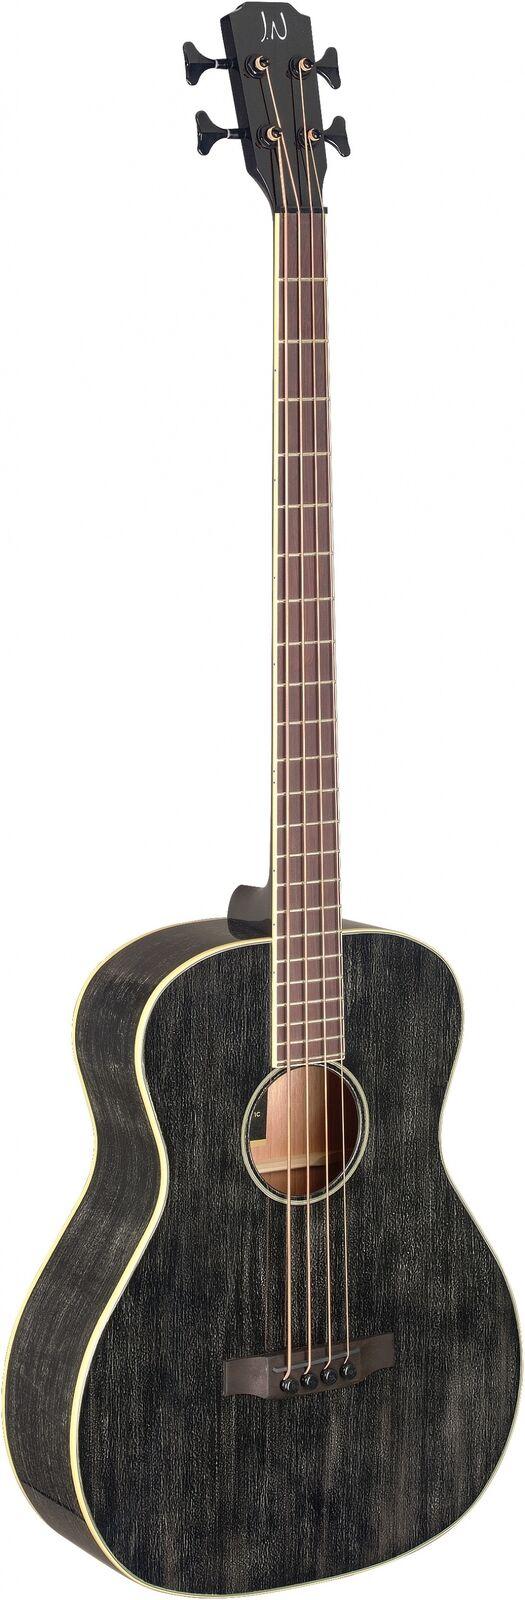 James Neligan YAK-BAS-E - Akustik Bass